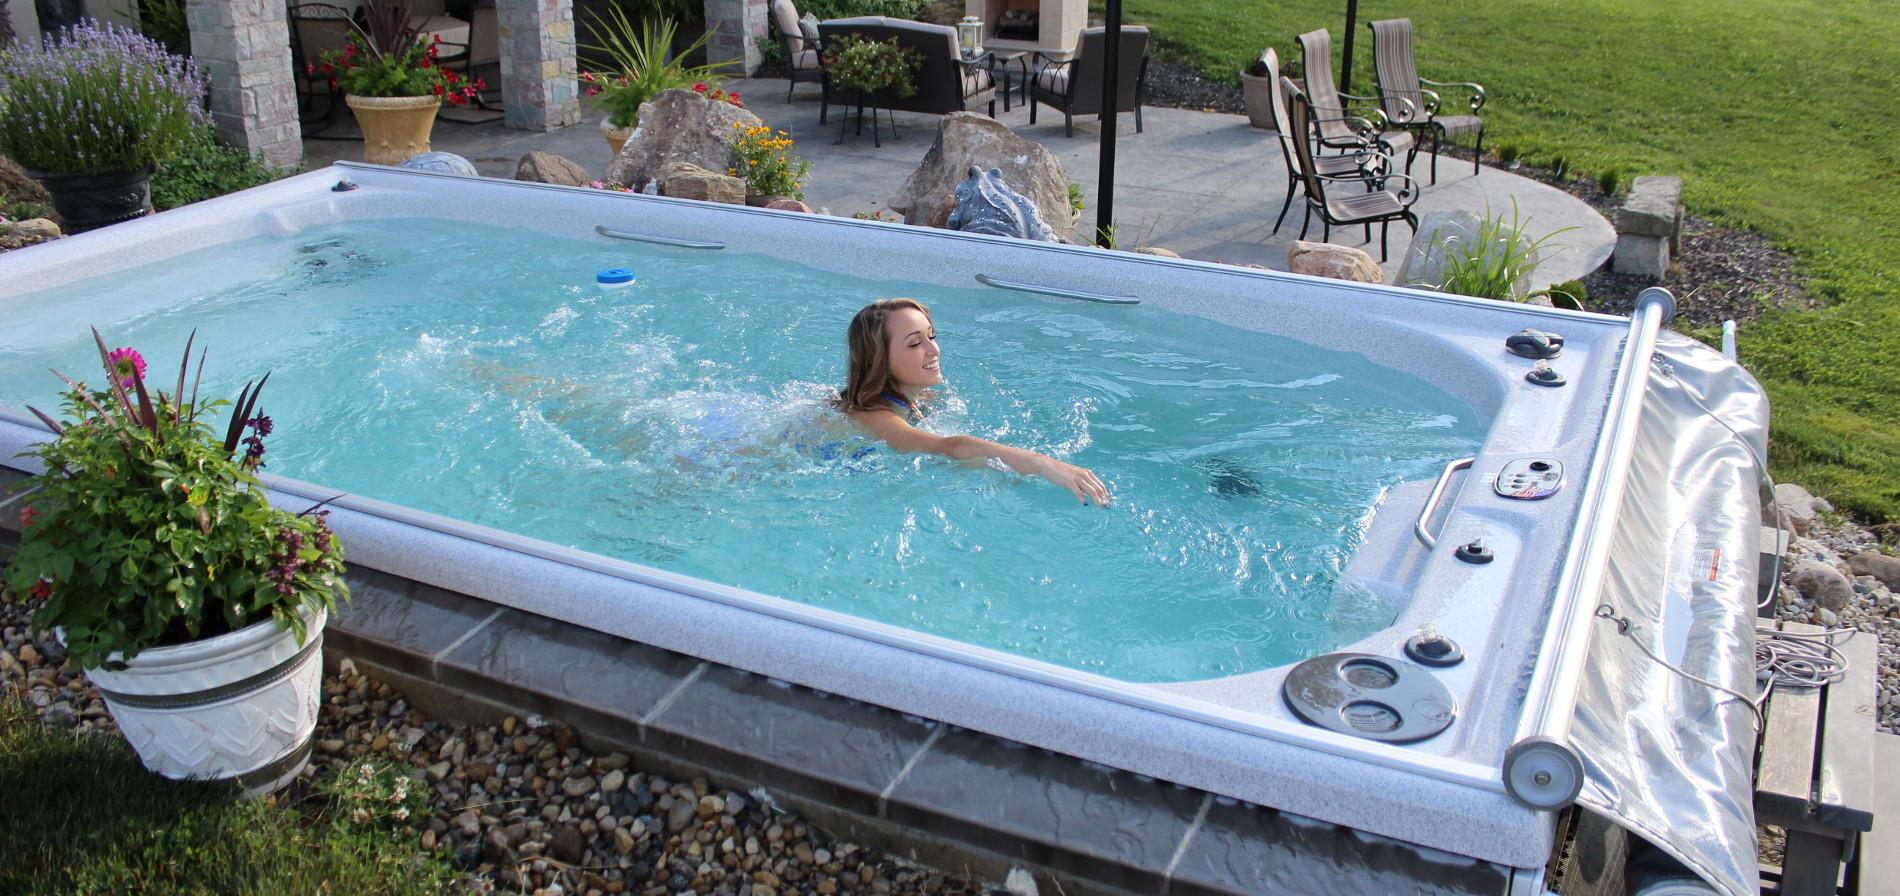 Spa de nage d tente et natation sur la r gion hauts de france for Piscine bassin de nage